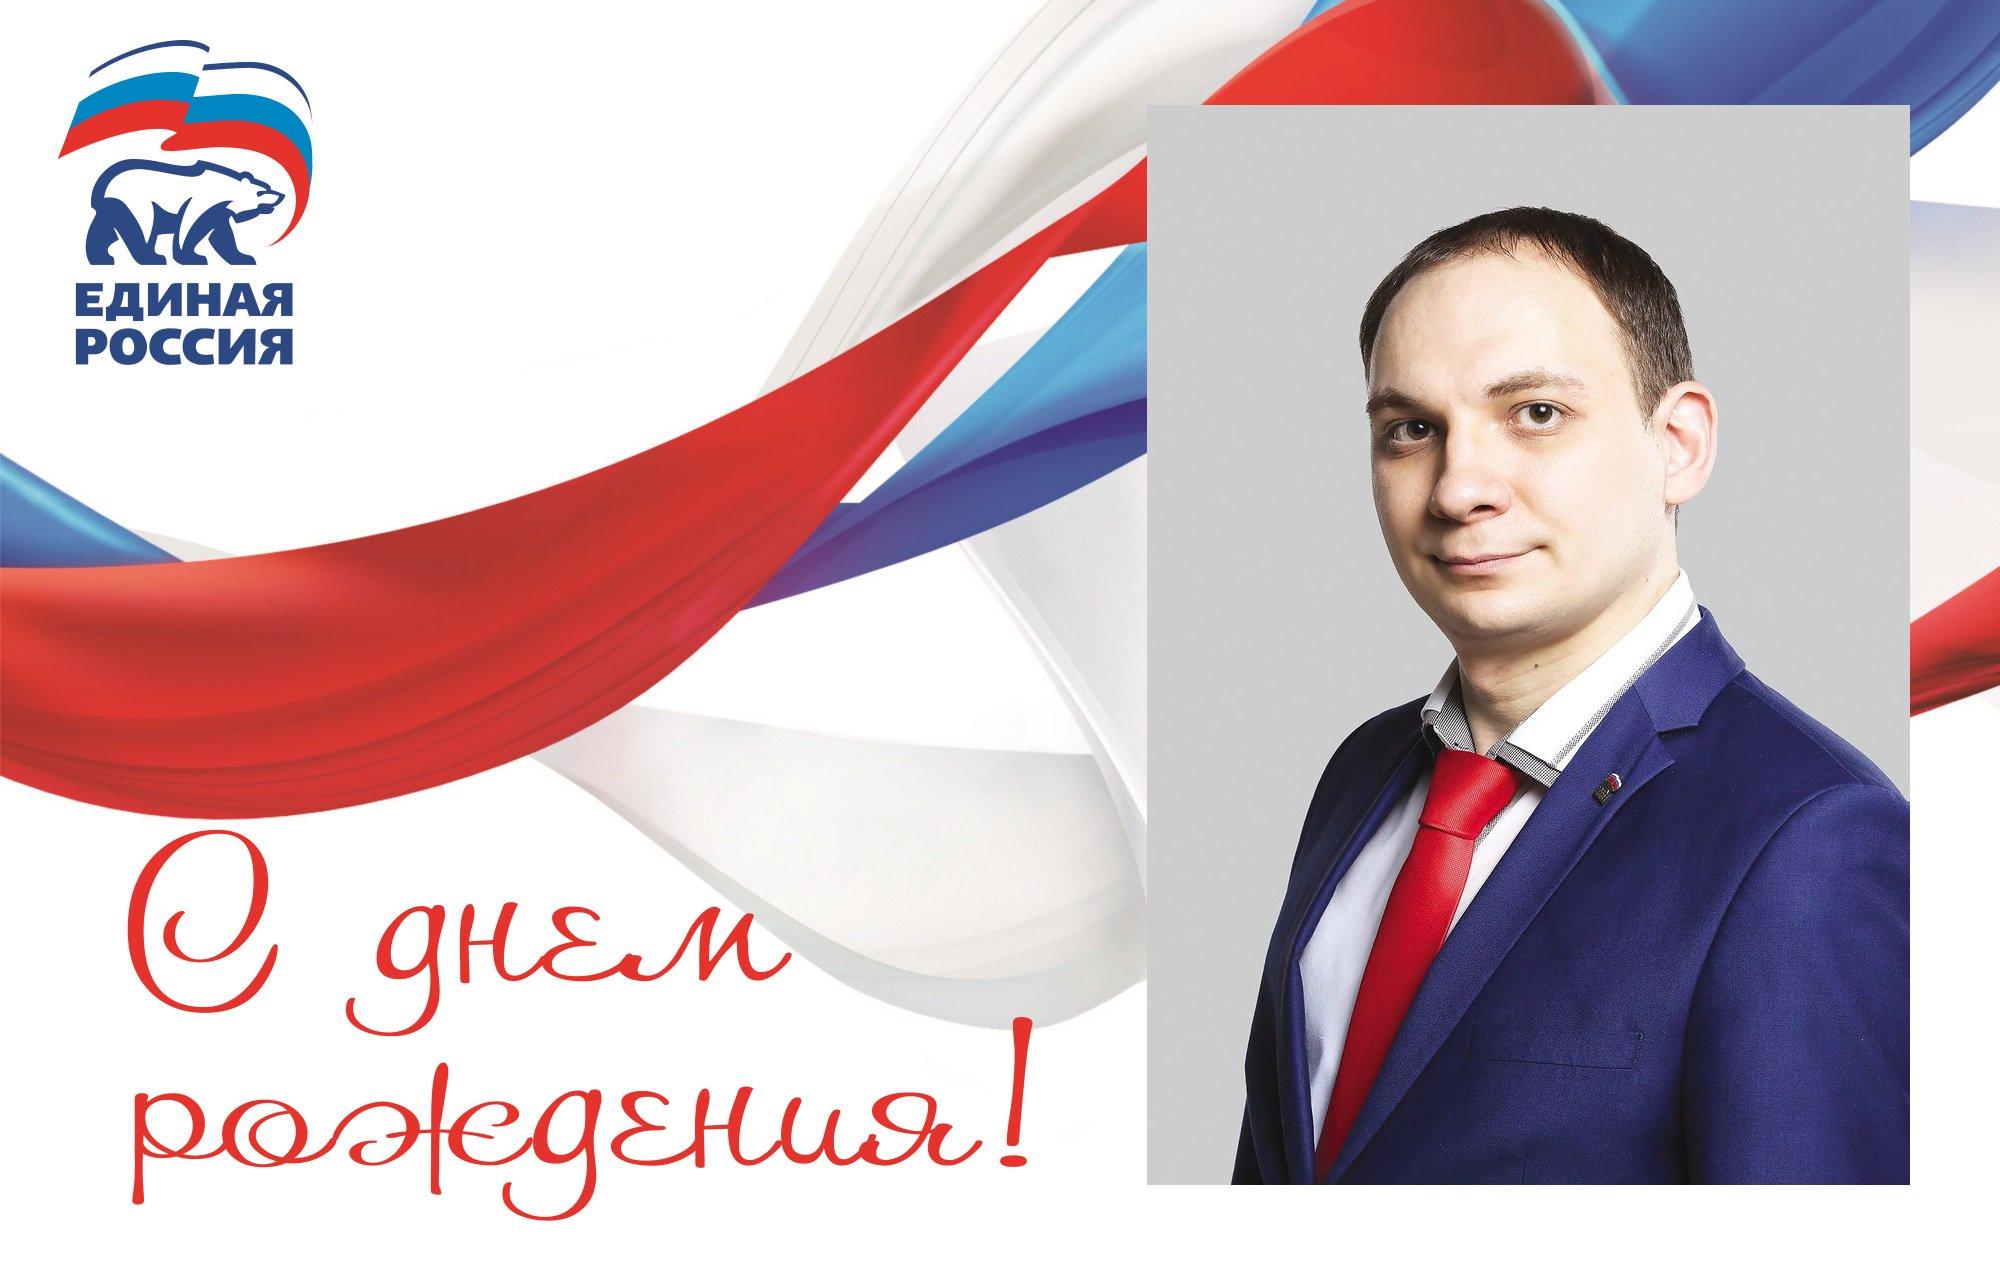 поздравление руководителю исполкома партии единая россия